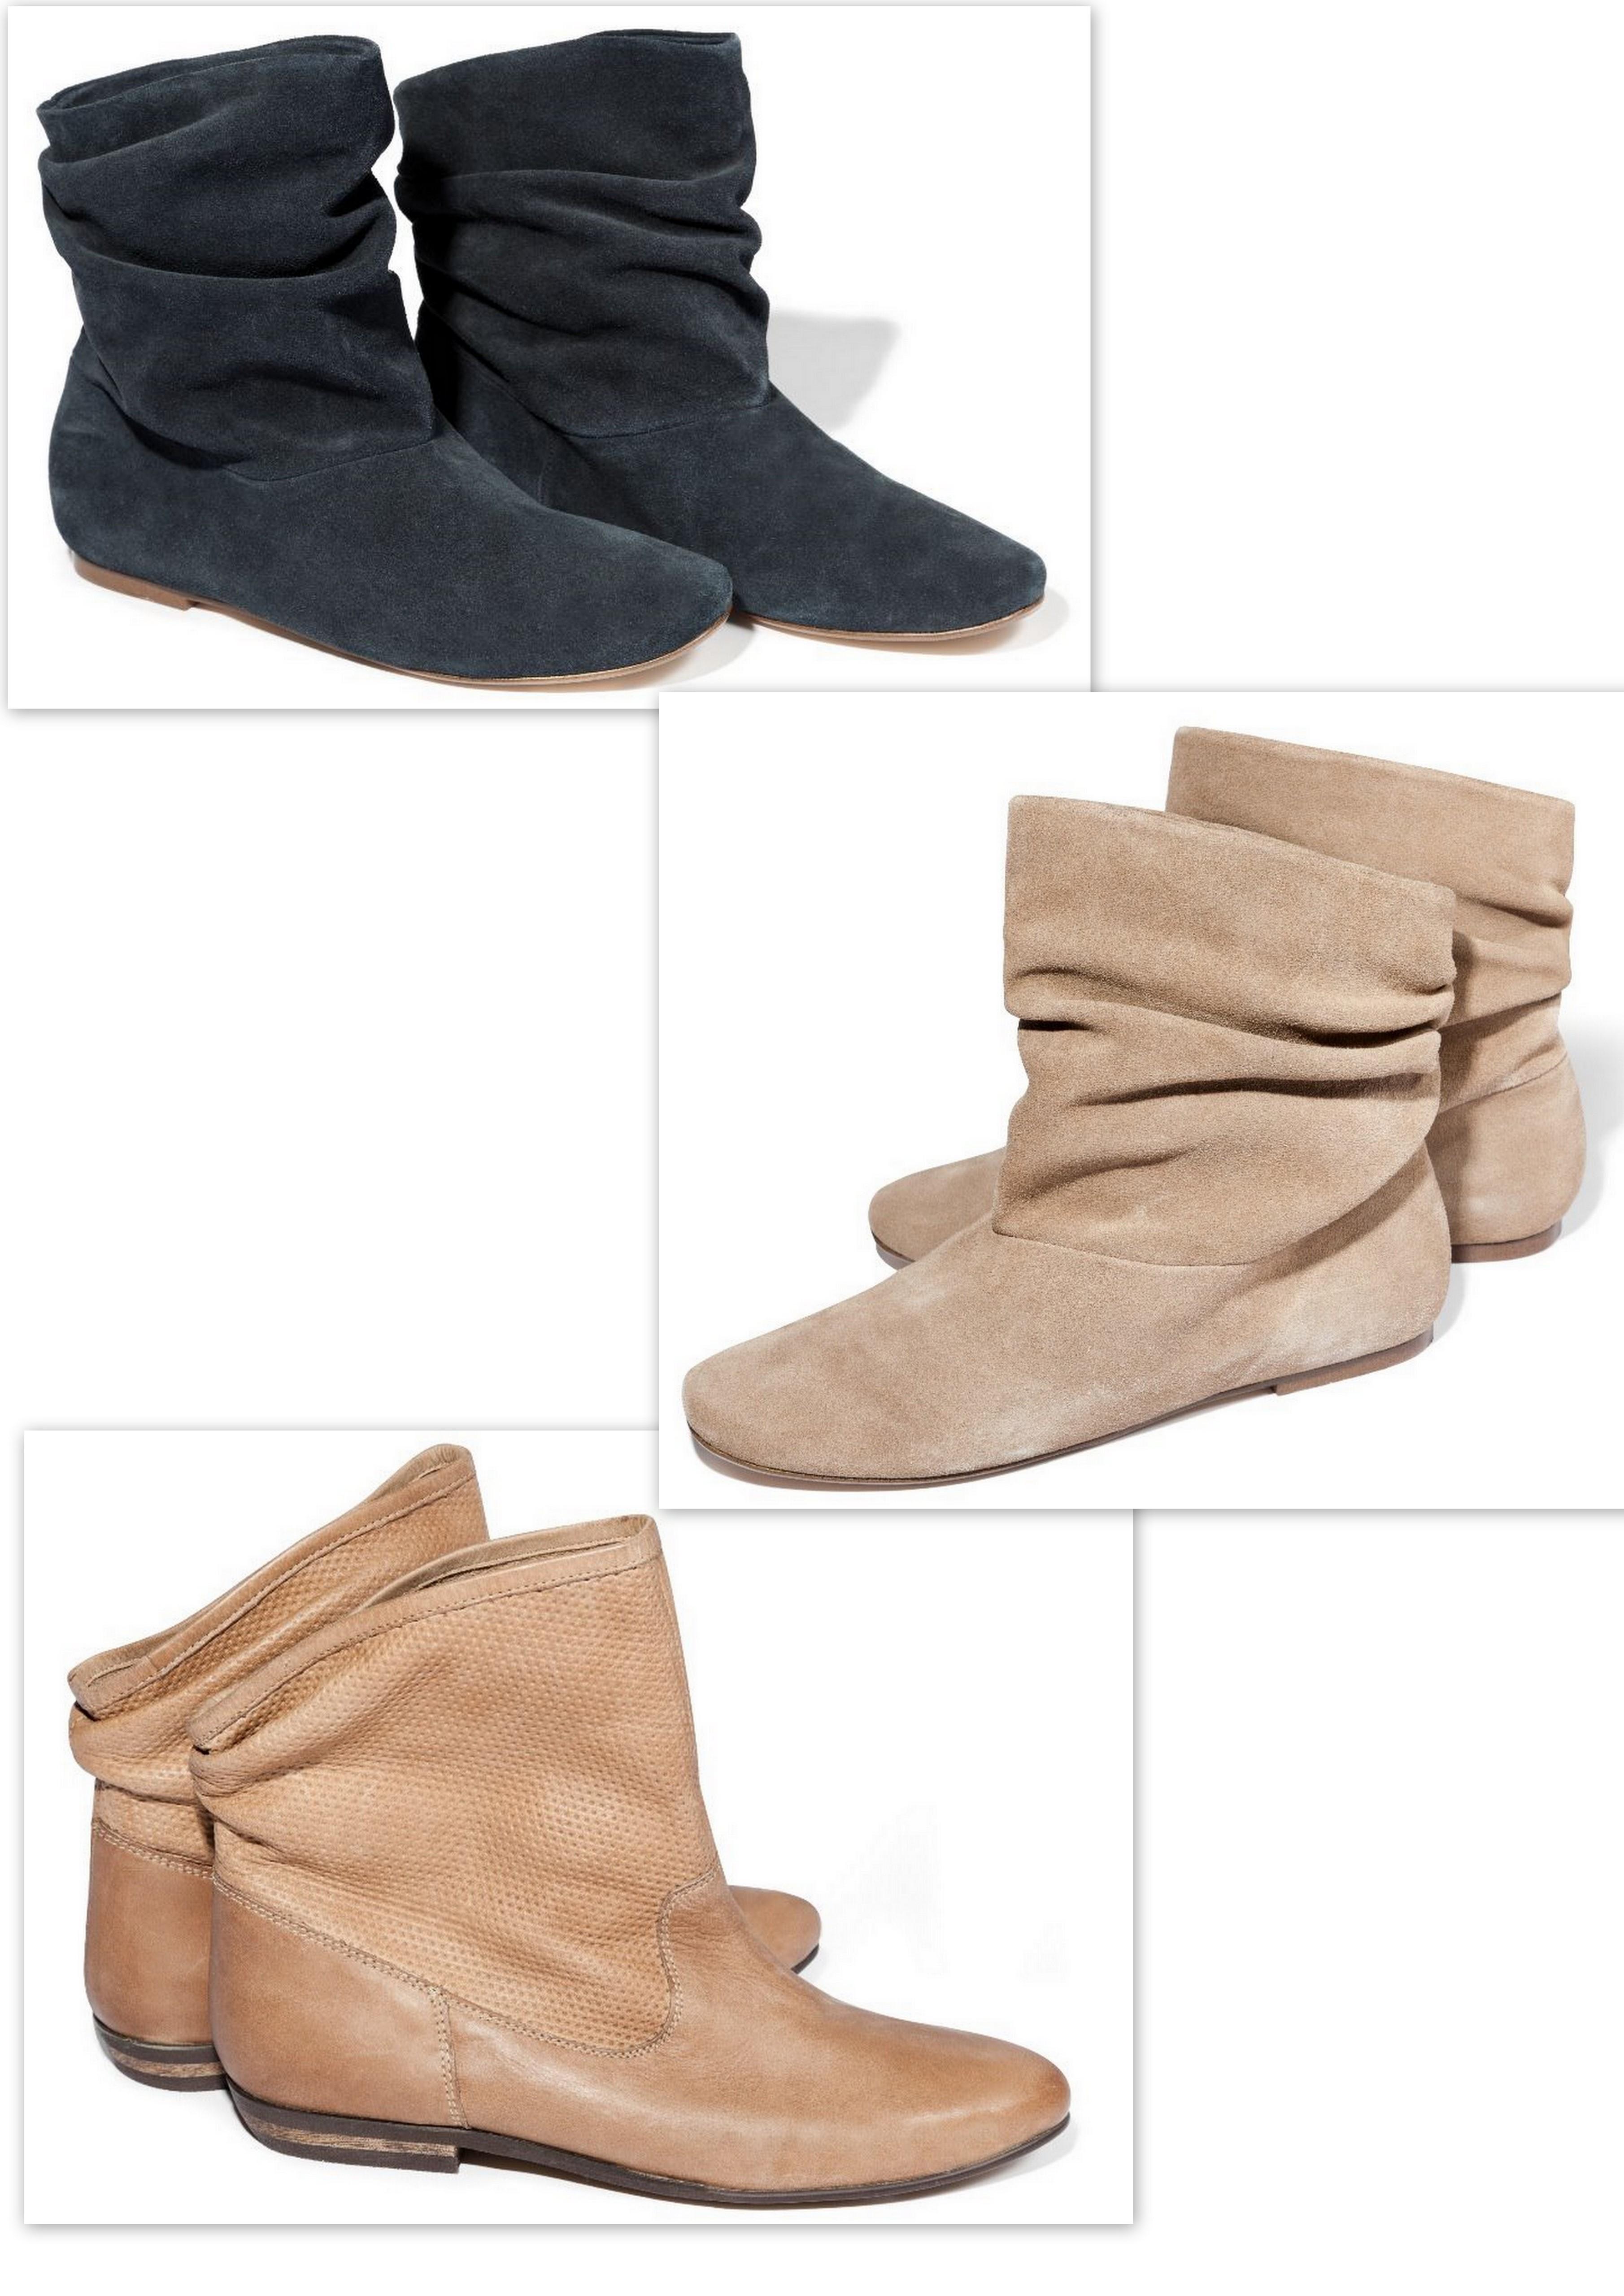 9eddb16306853 Kolekcja Reserved Buty Wiosna 2012 - Moda - najnowsze kolekcje ...